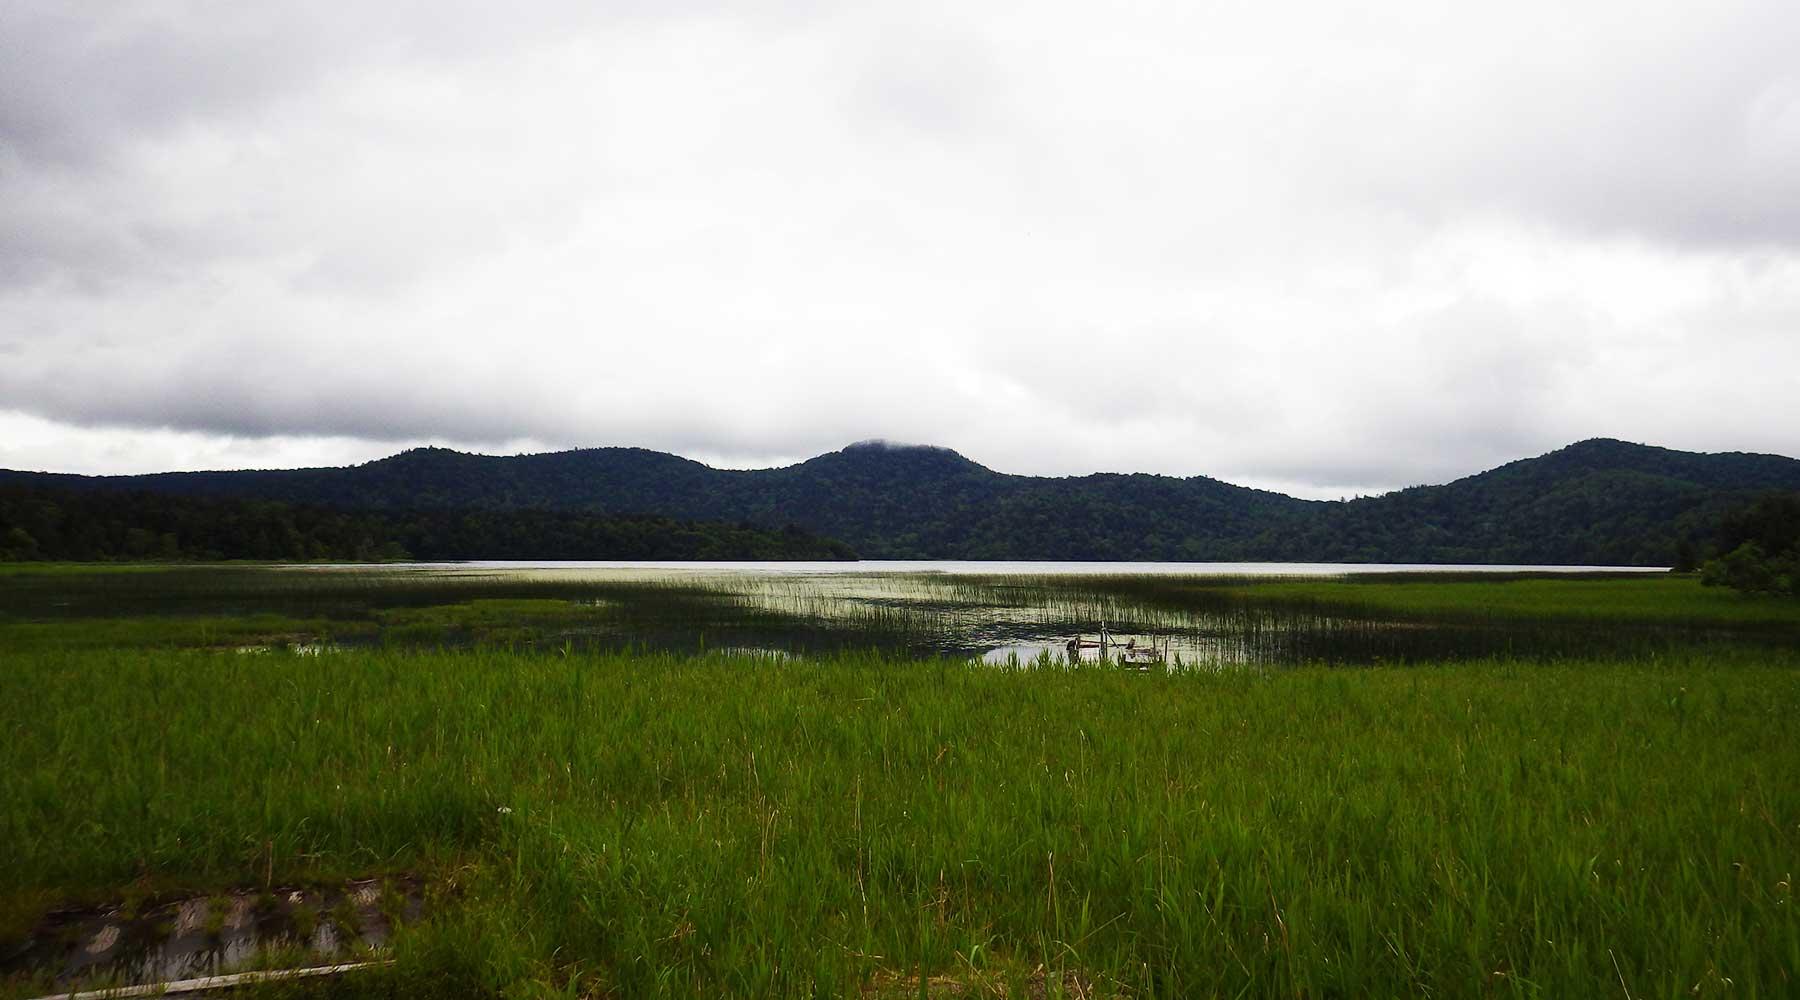 沼尻休憩所から見た尾瀬沼